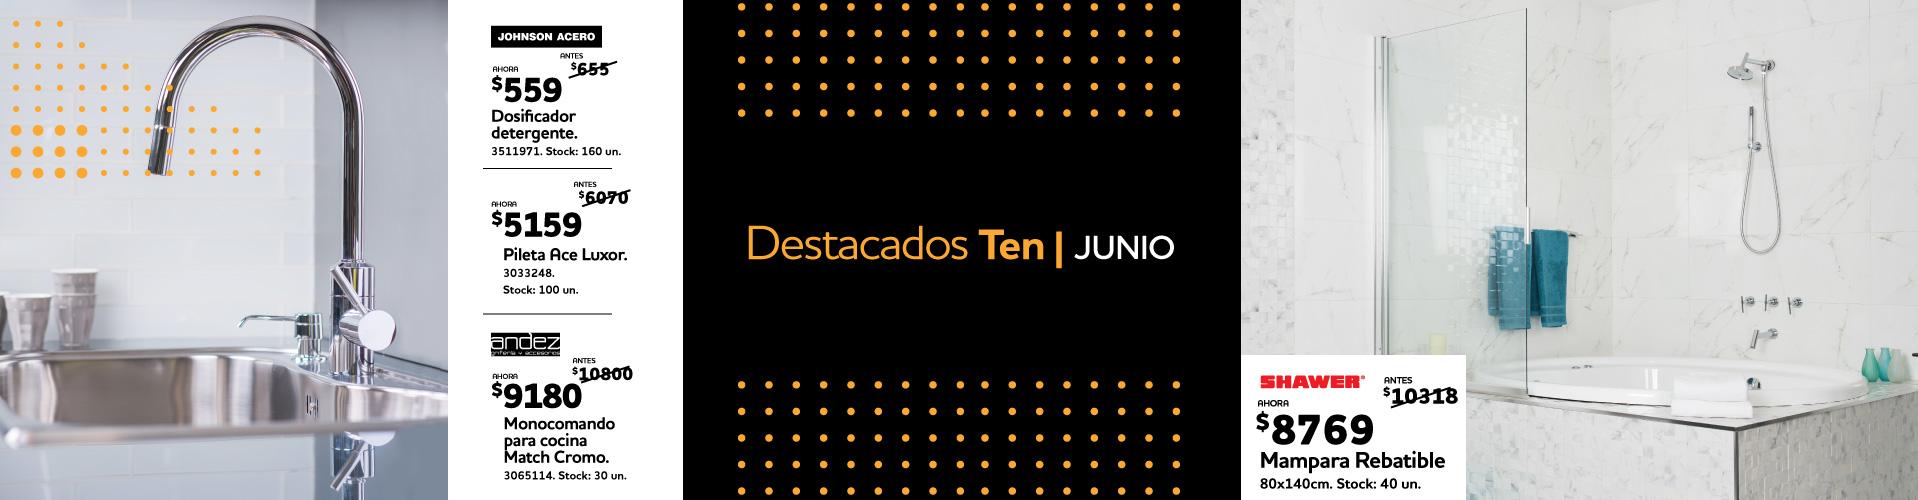 DESTACADOS JUNIO